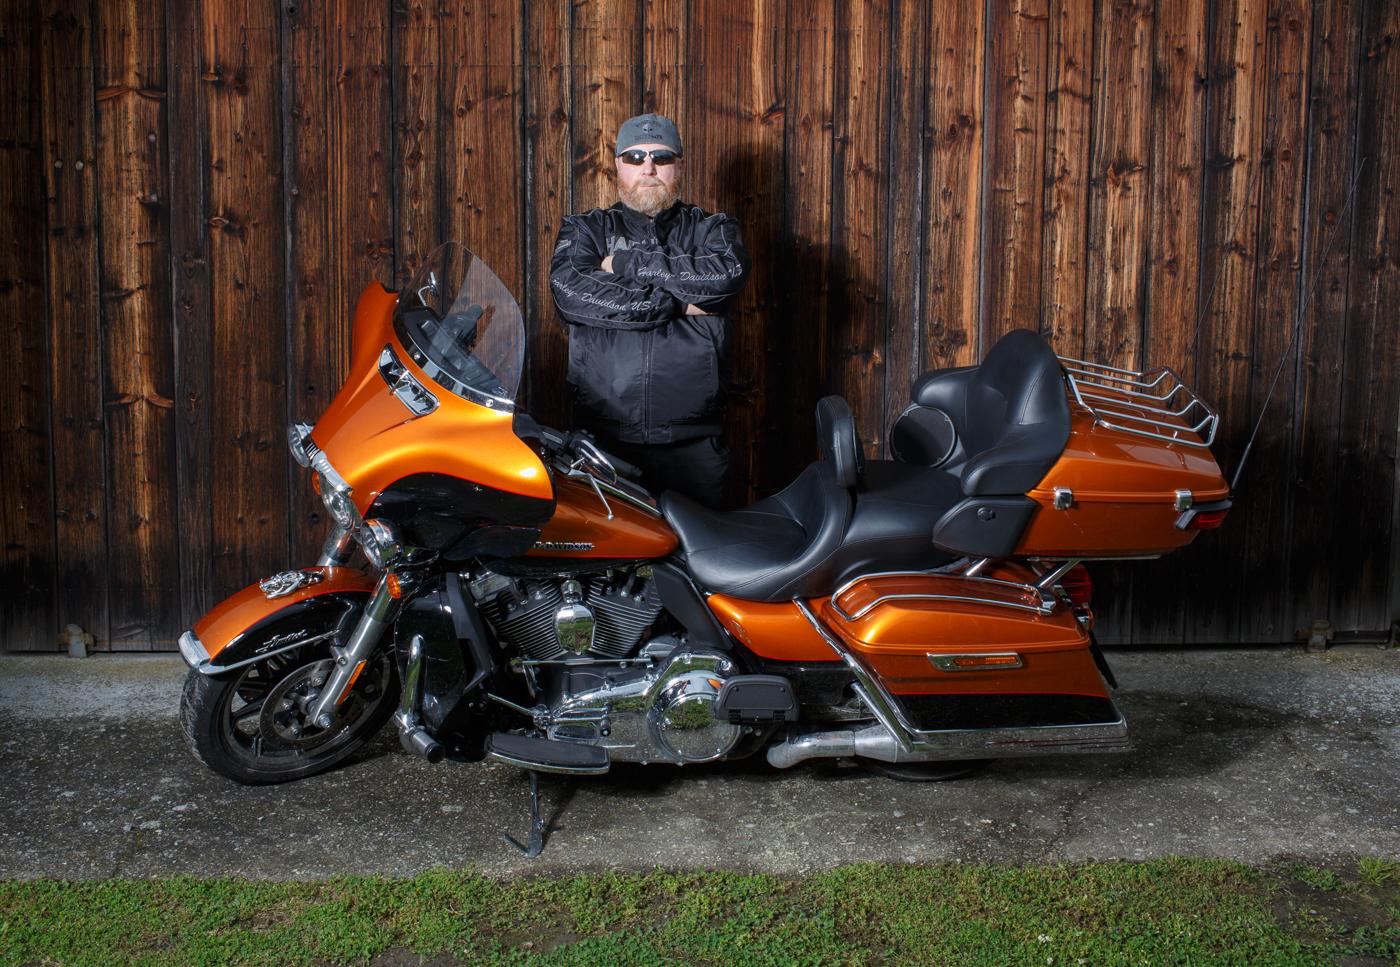 Harley Davidson Digital